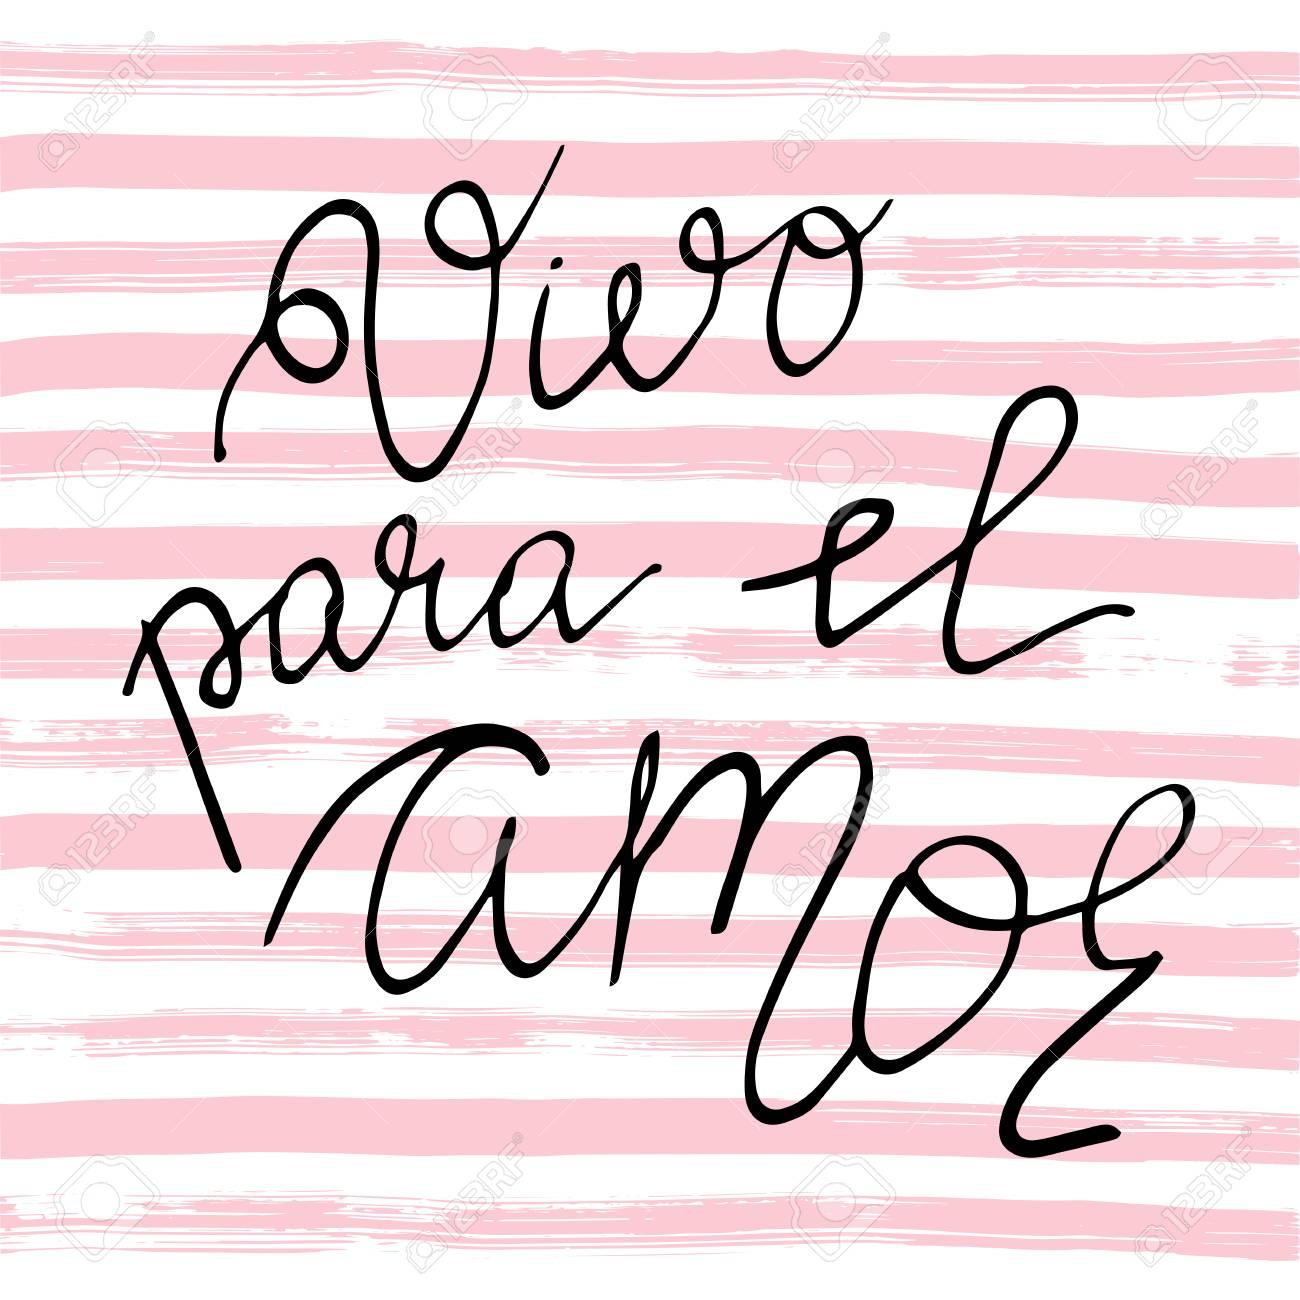 Bist du verliebt spanisch